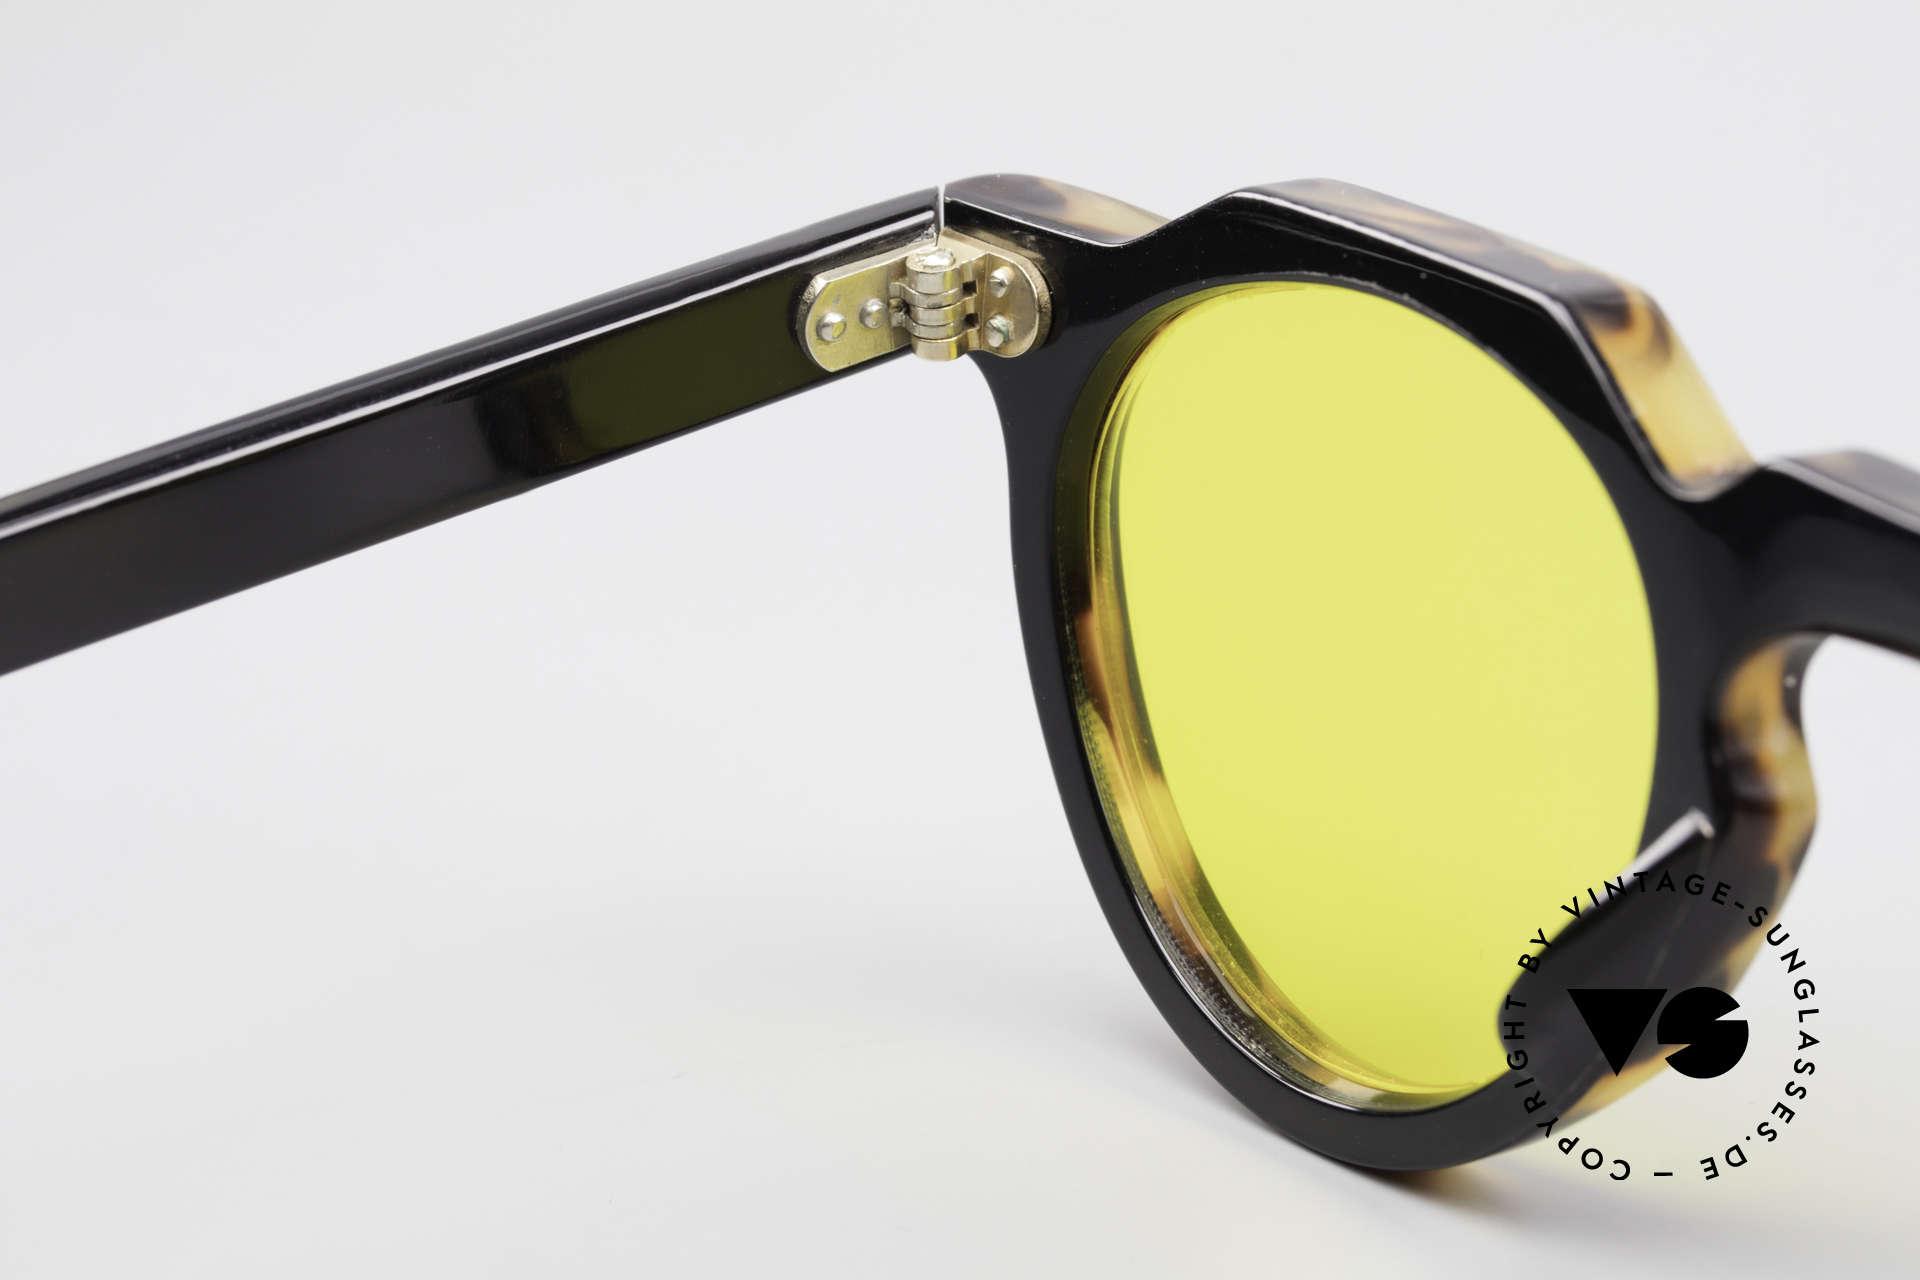 Lesca Panto 6mm 60er Panto Brille Frankreich, ein 50 Jahre altes, ungetragenen Original, KEIN Retro, Passend für Herren und Damen